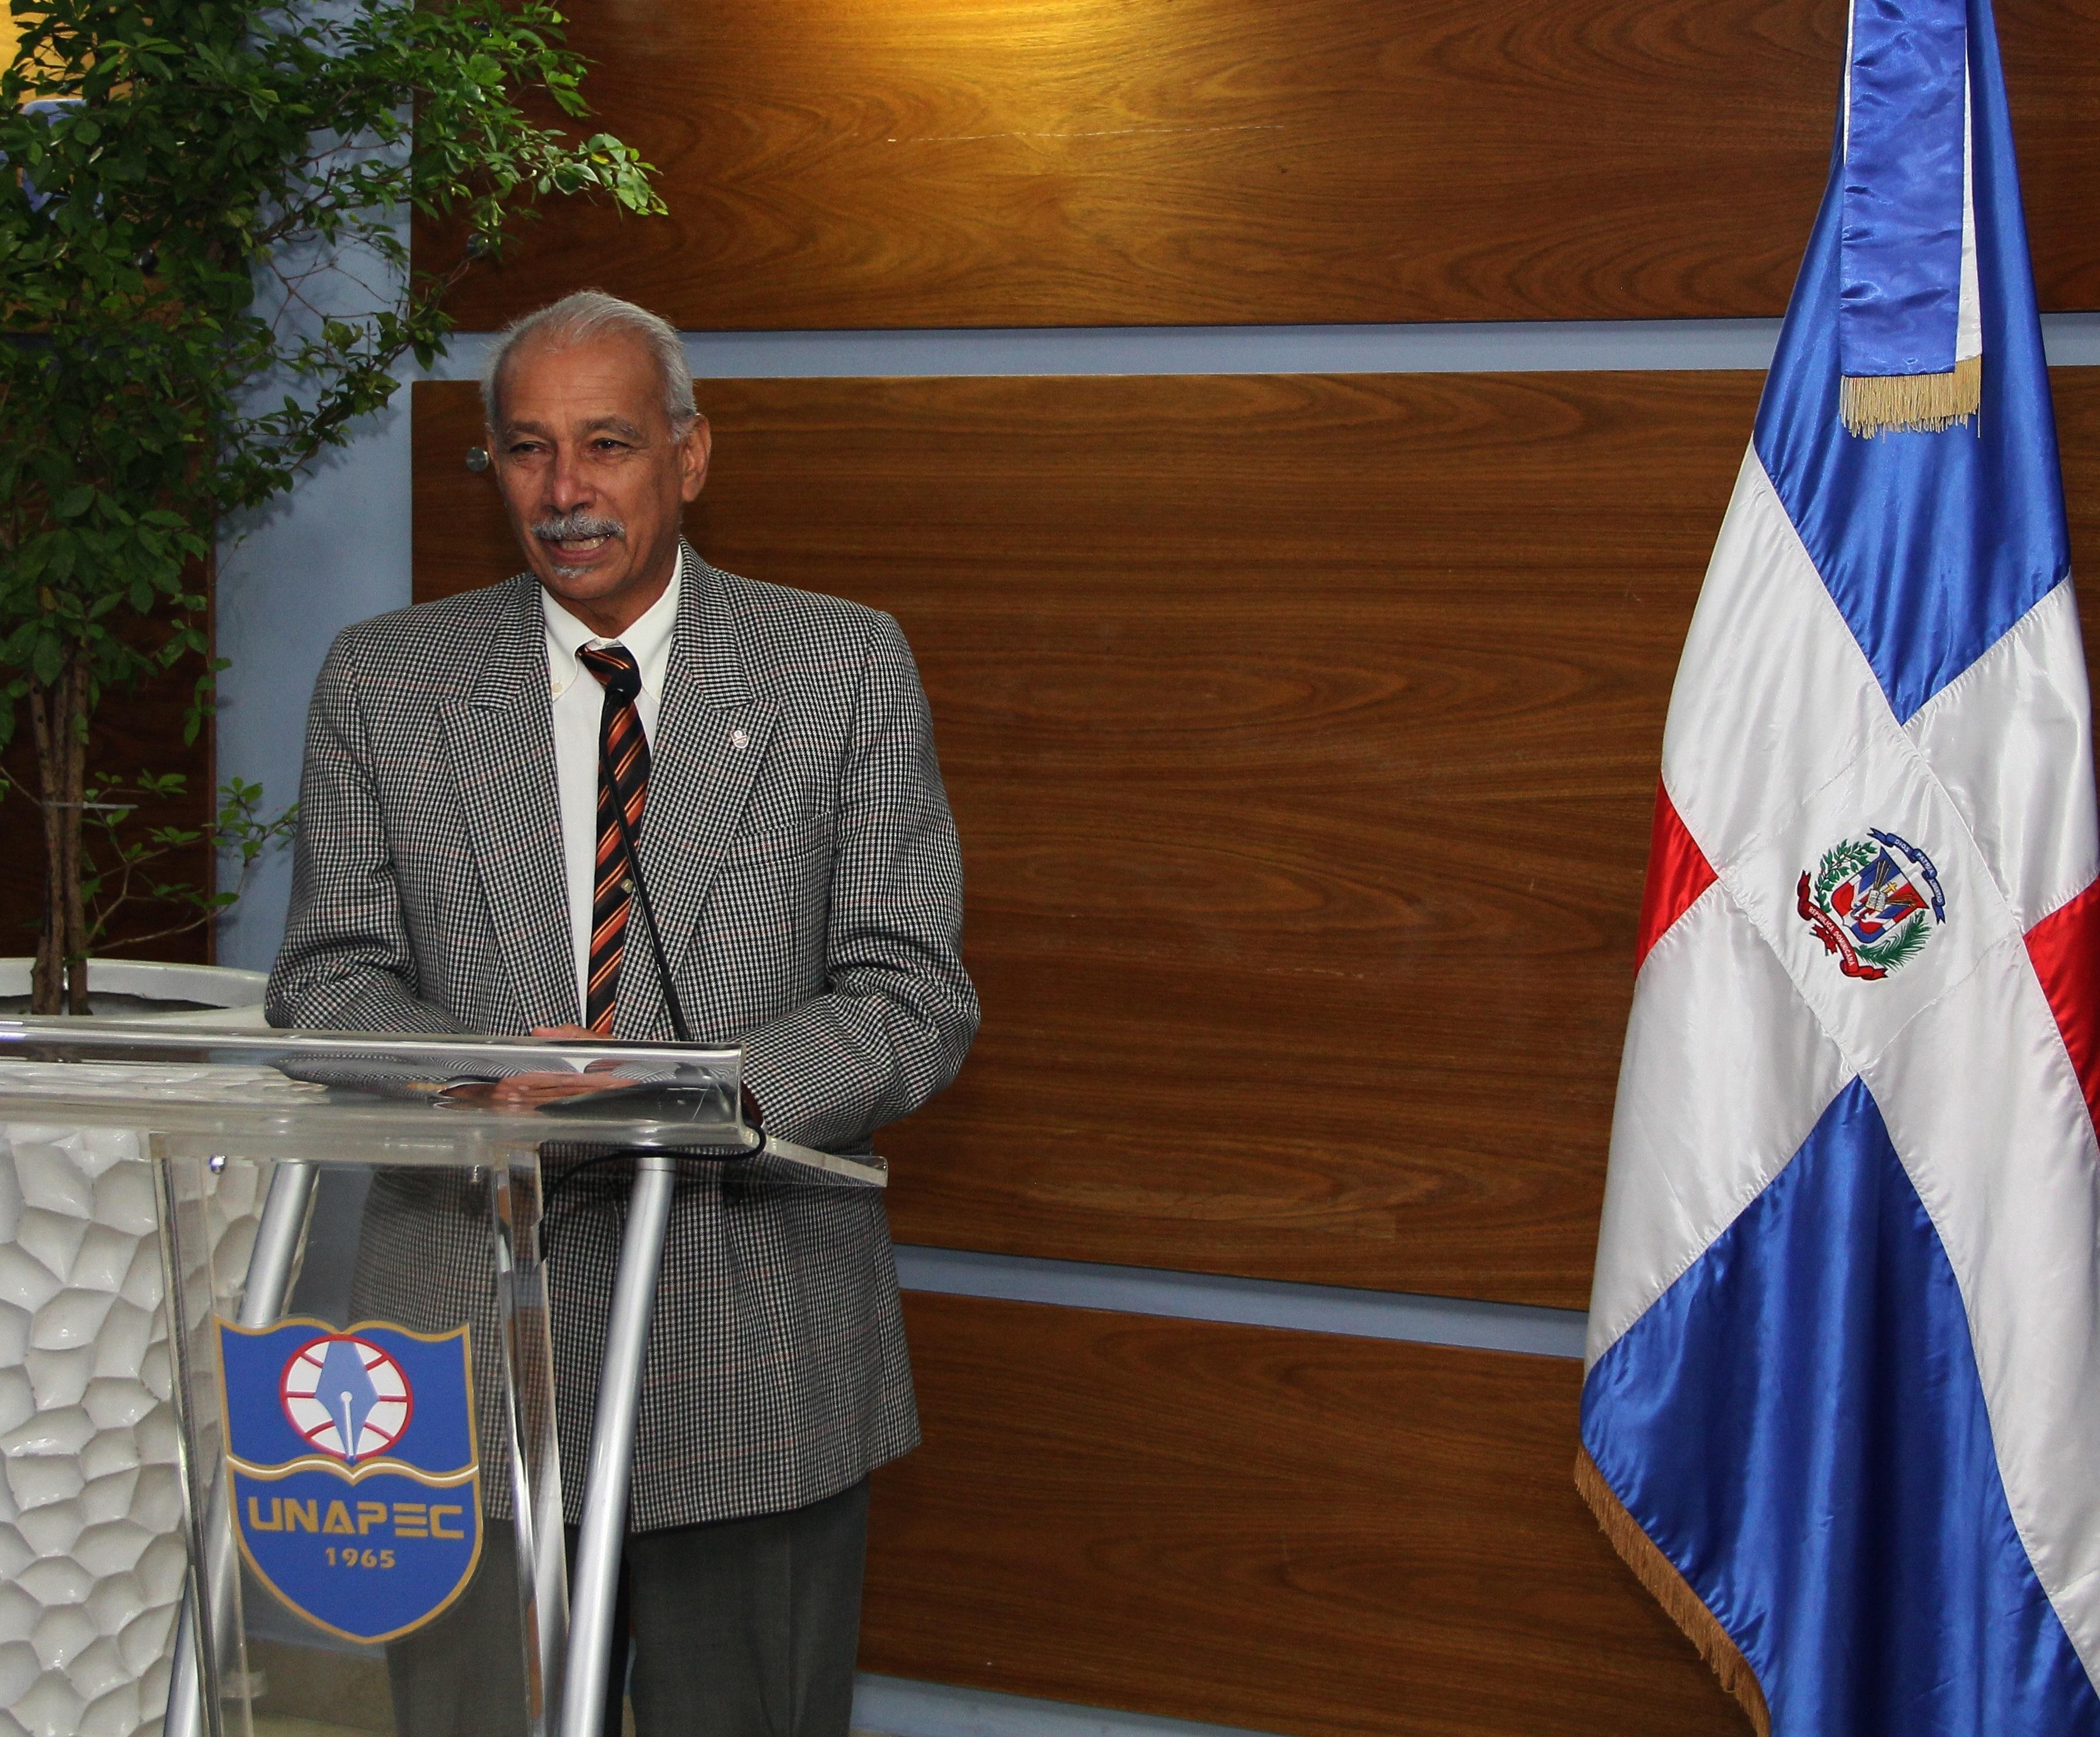 Francisco D' Oleo, Vicerrector de Investigación, Innovación y Desarrollo Estratégico de UNAPEC.